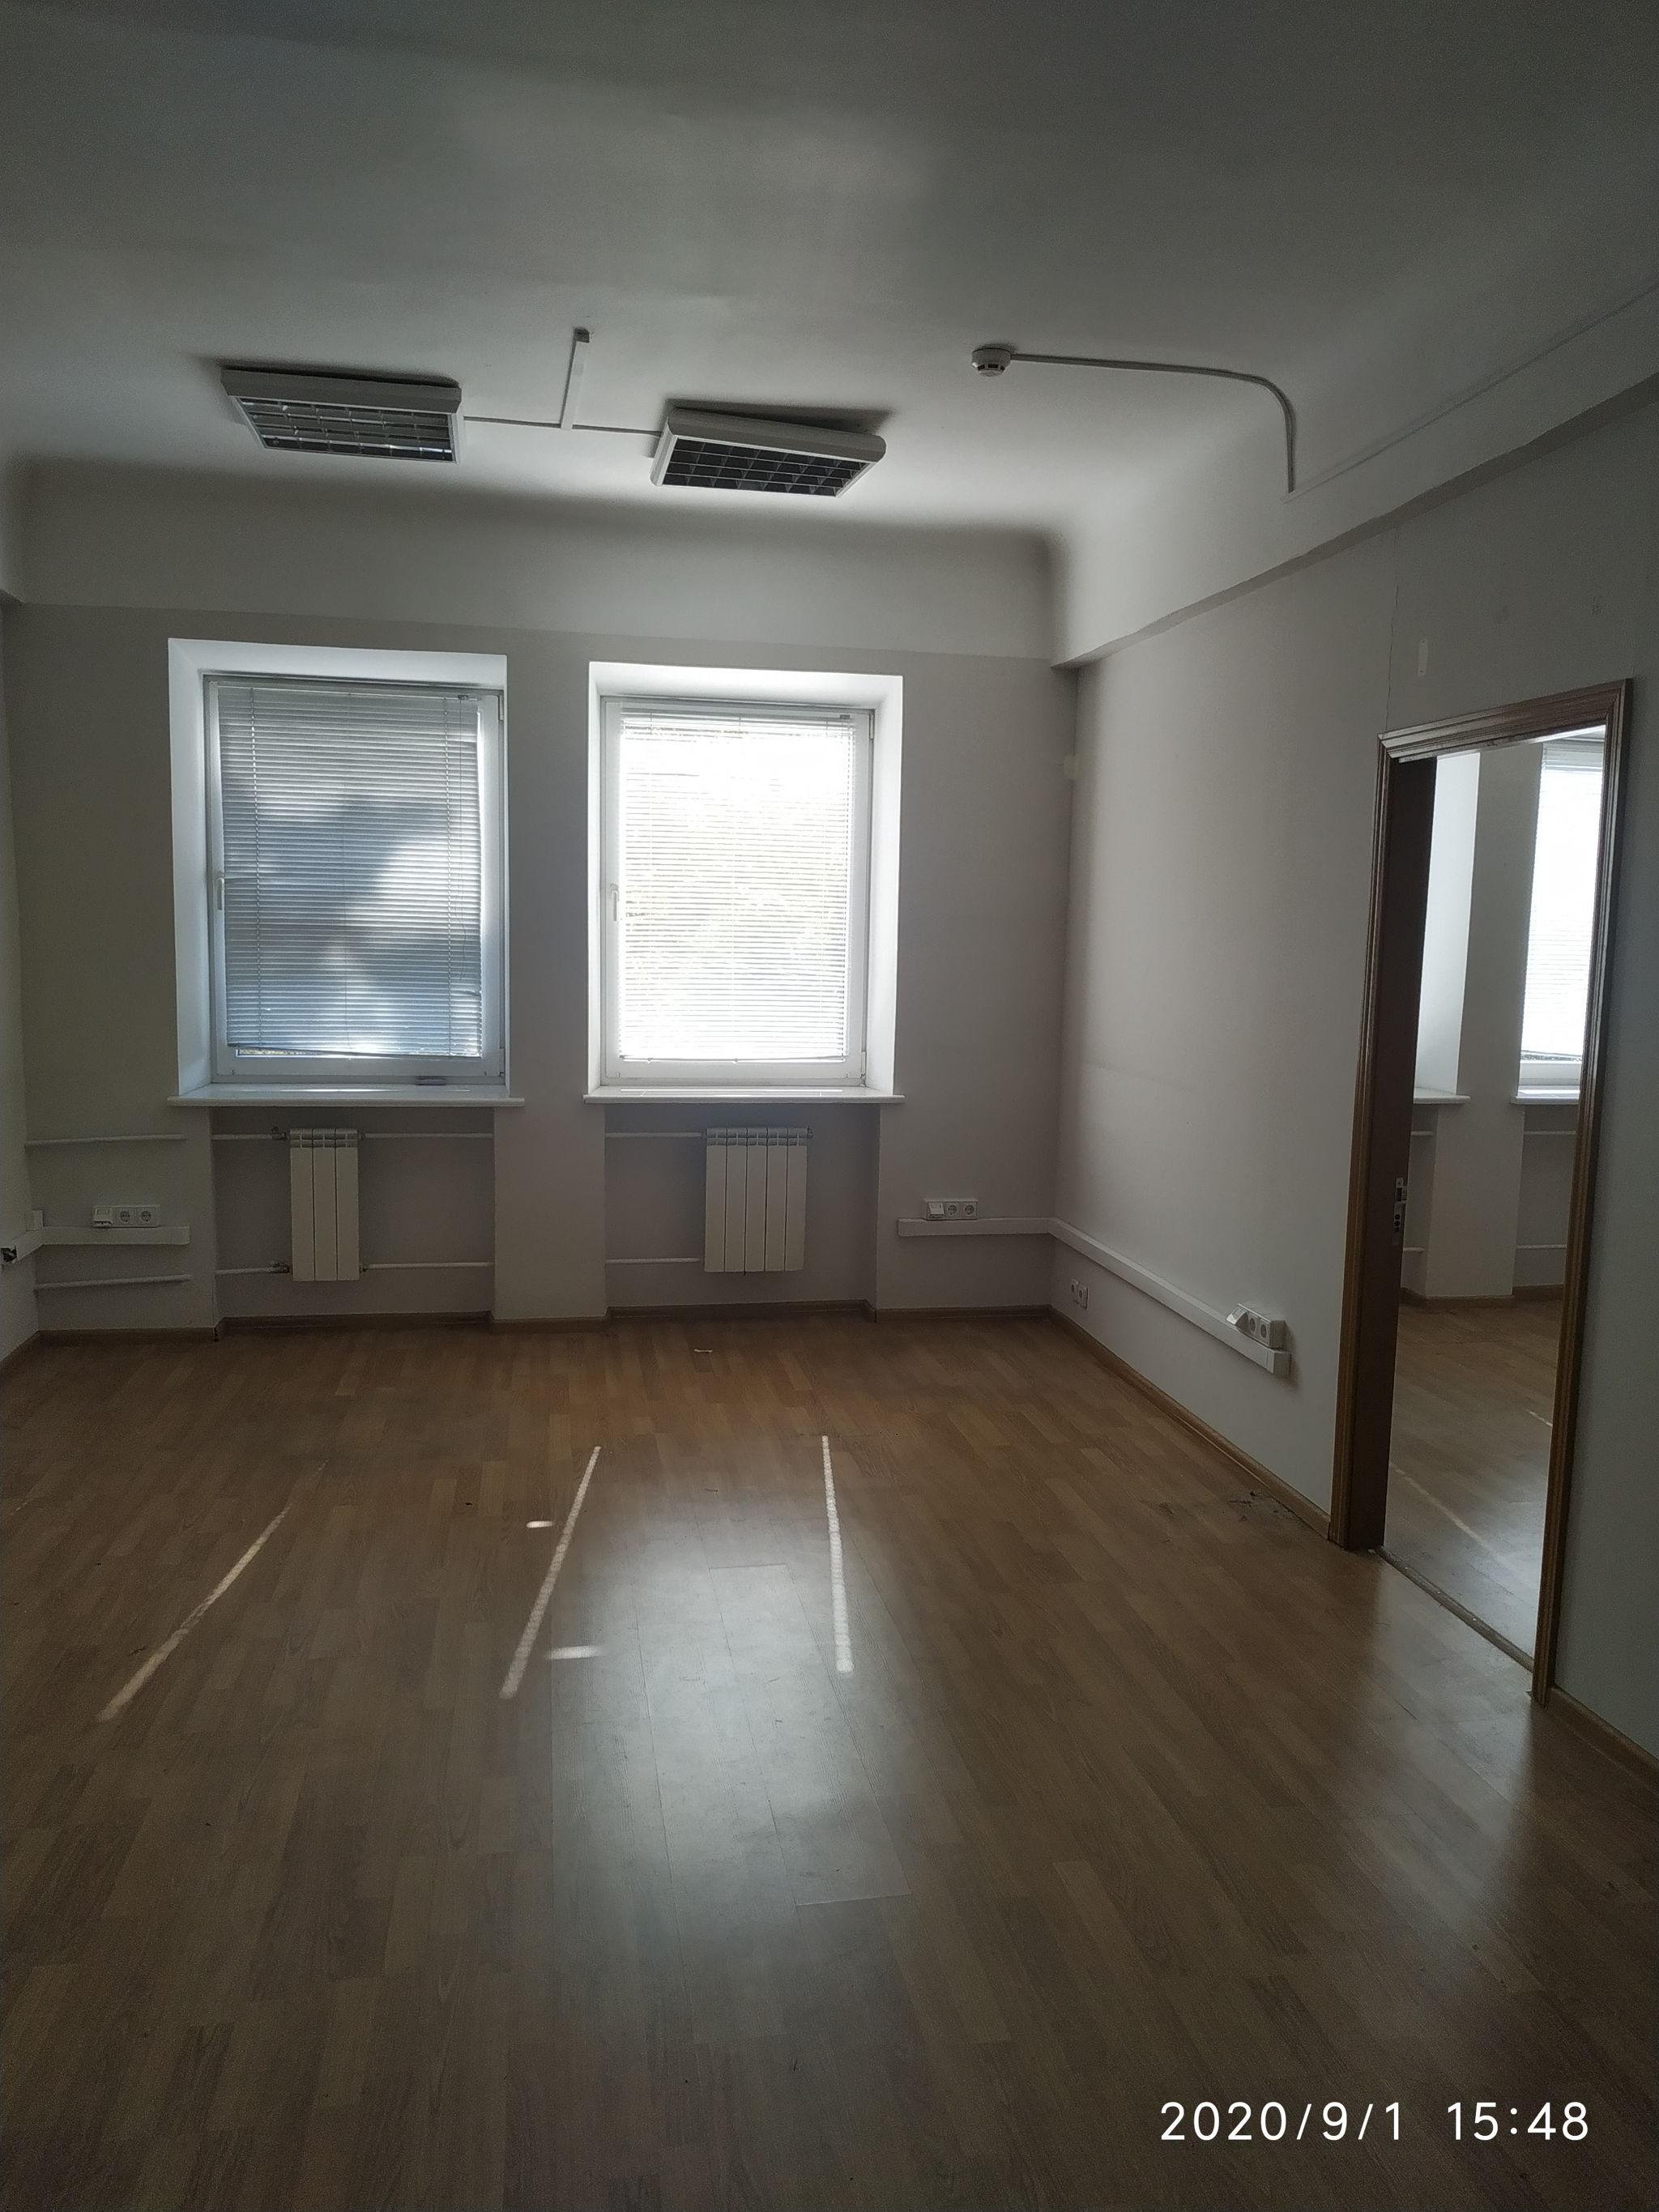 Офис, W-6227972, Васильковская, 34, Киев - Фото 3